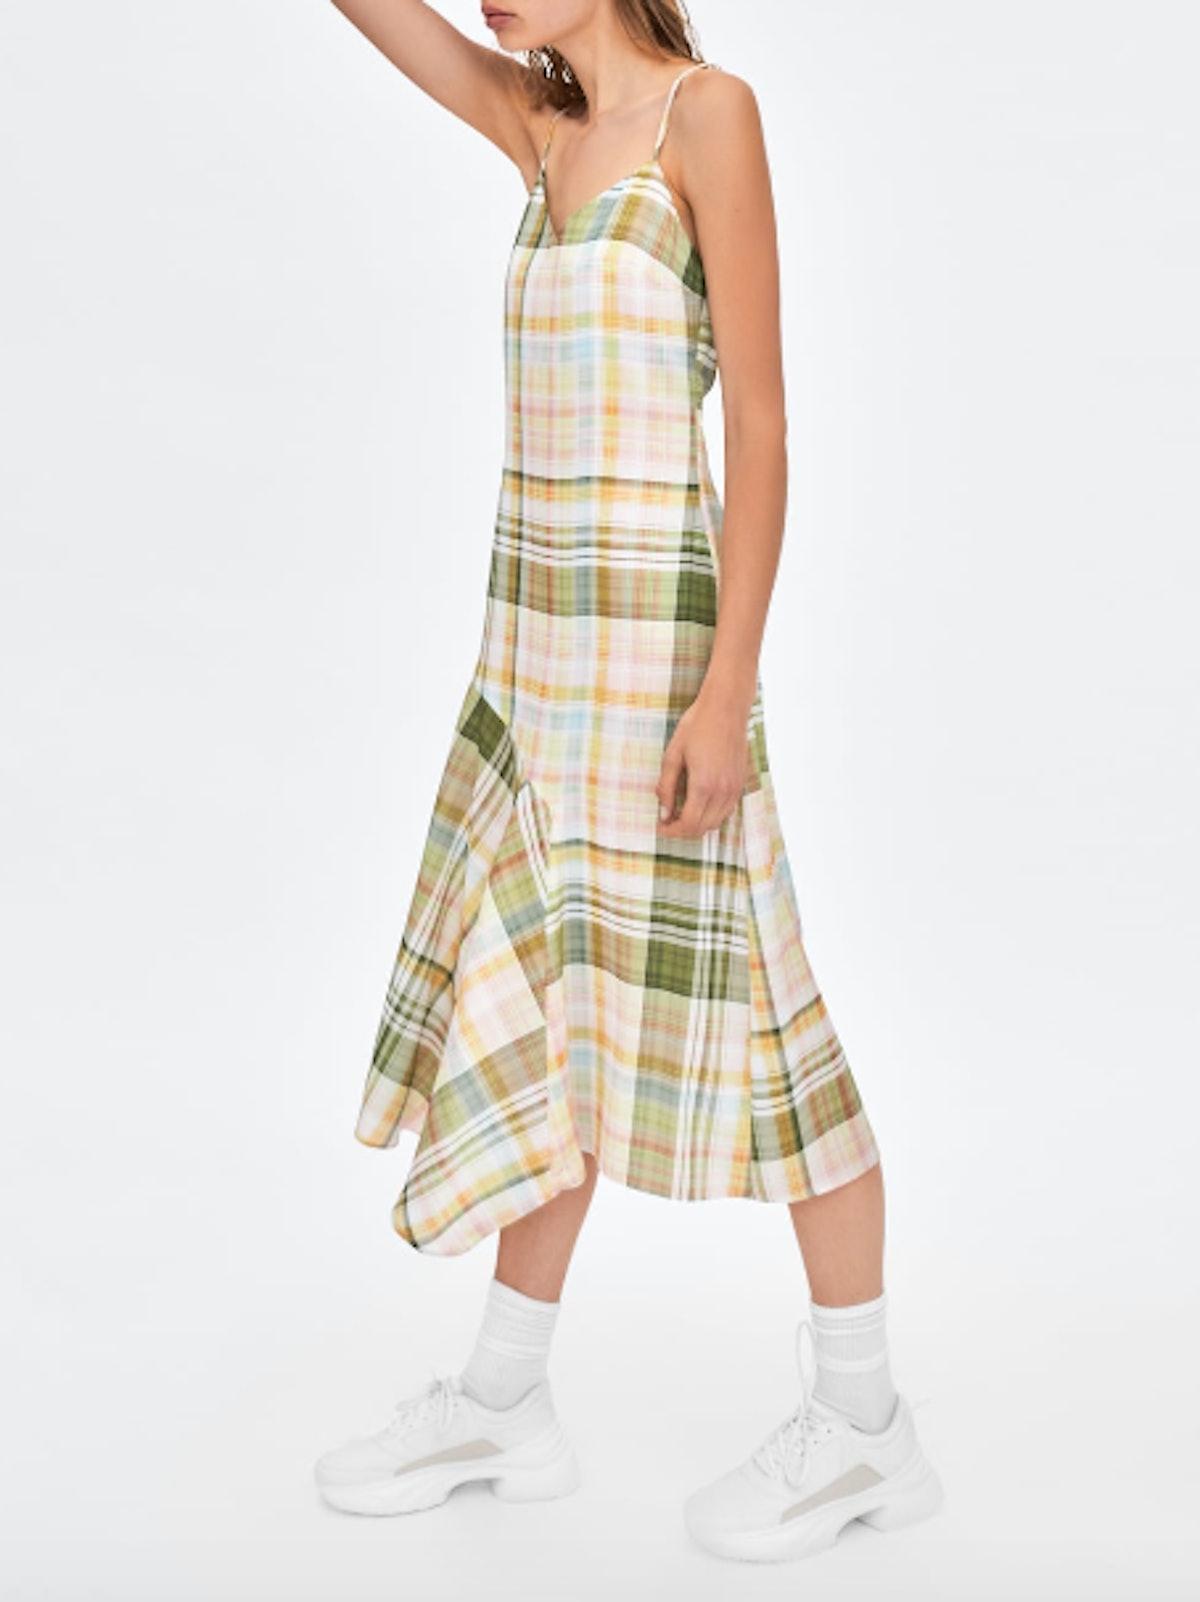 Lingerie Plaid Style Dress